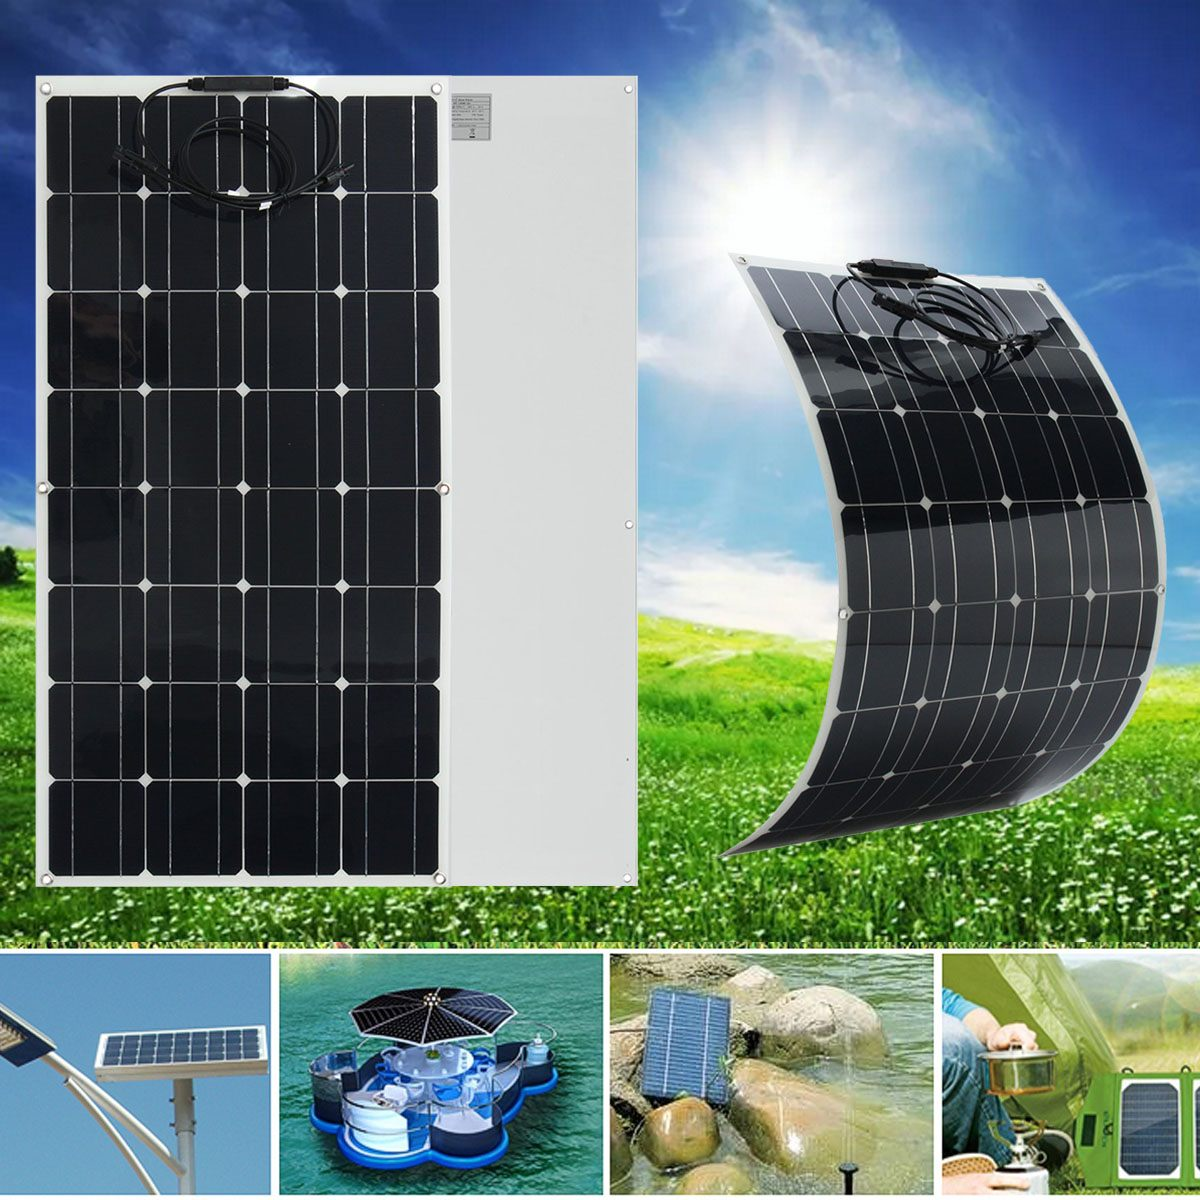 Claite 100W 12V Flexible Solar Panel Plate Solar Charger For Car Battery 12V Phone Battery Monocrystalline Cells 18V 100w 18v flexible monocrystalline silicon solar panel pv quality power 12v battery